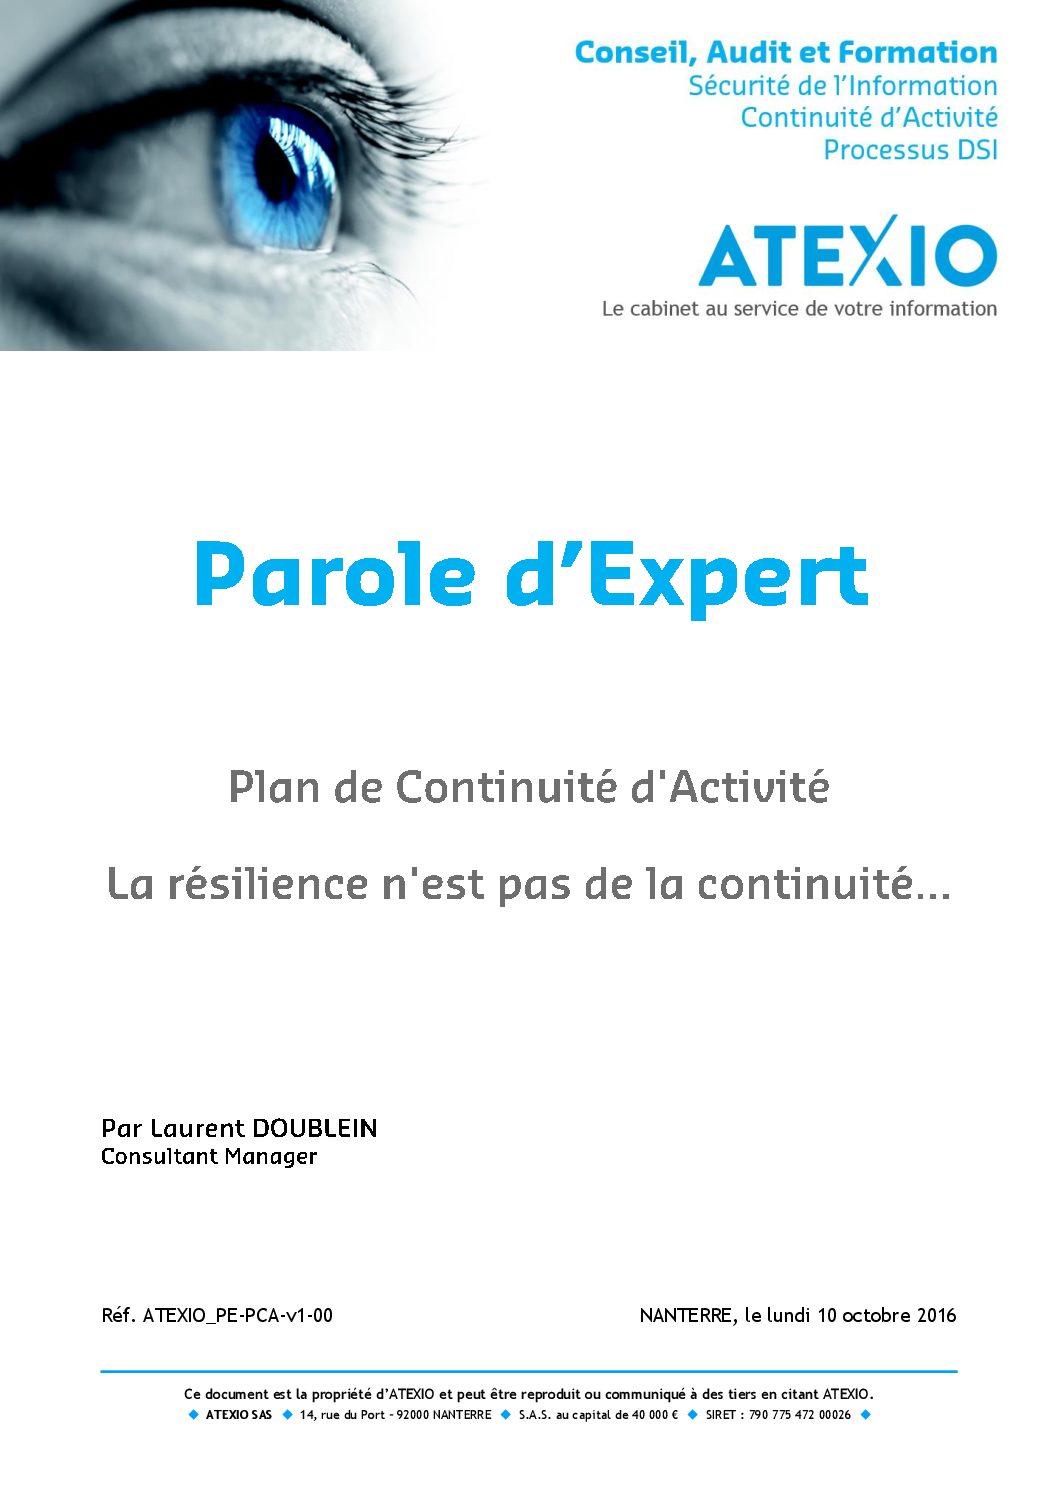 Plan de Continuité d'Activité : la résilience n'est pas de la continuité…